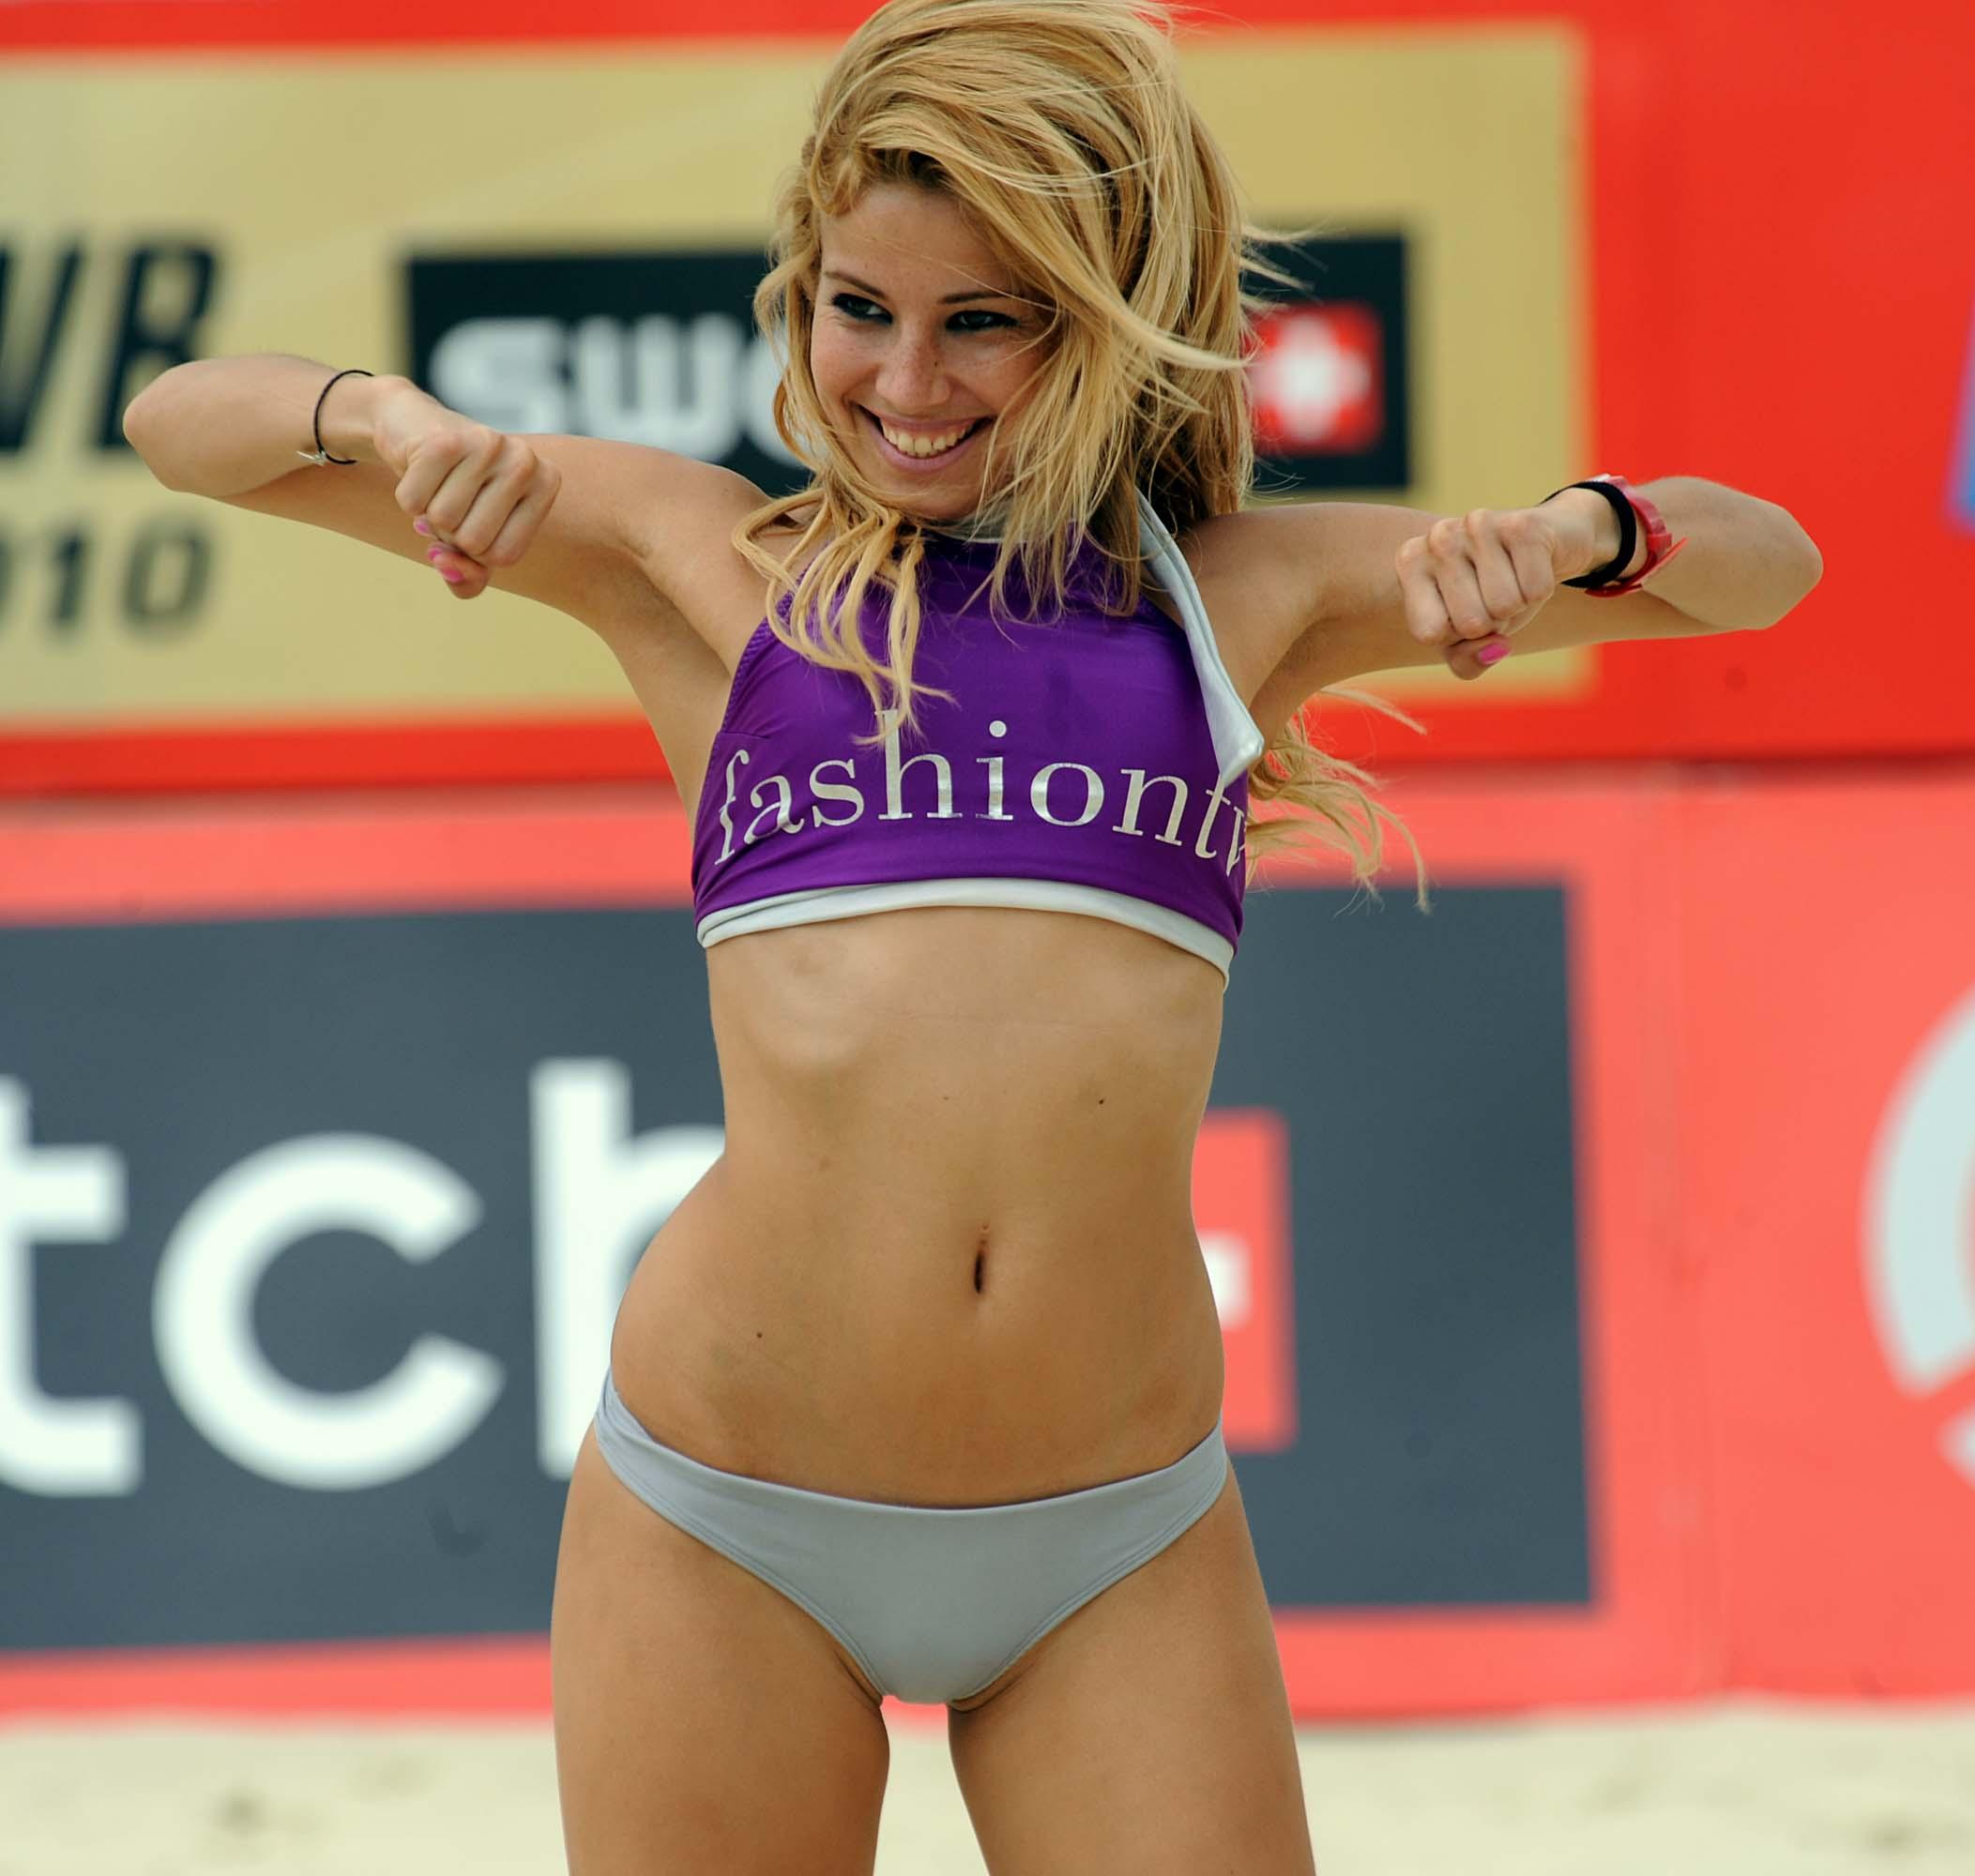 Nenas de volley 6 - 1 part 4